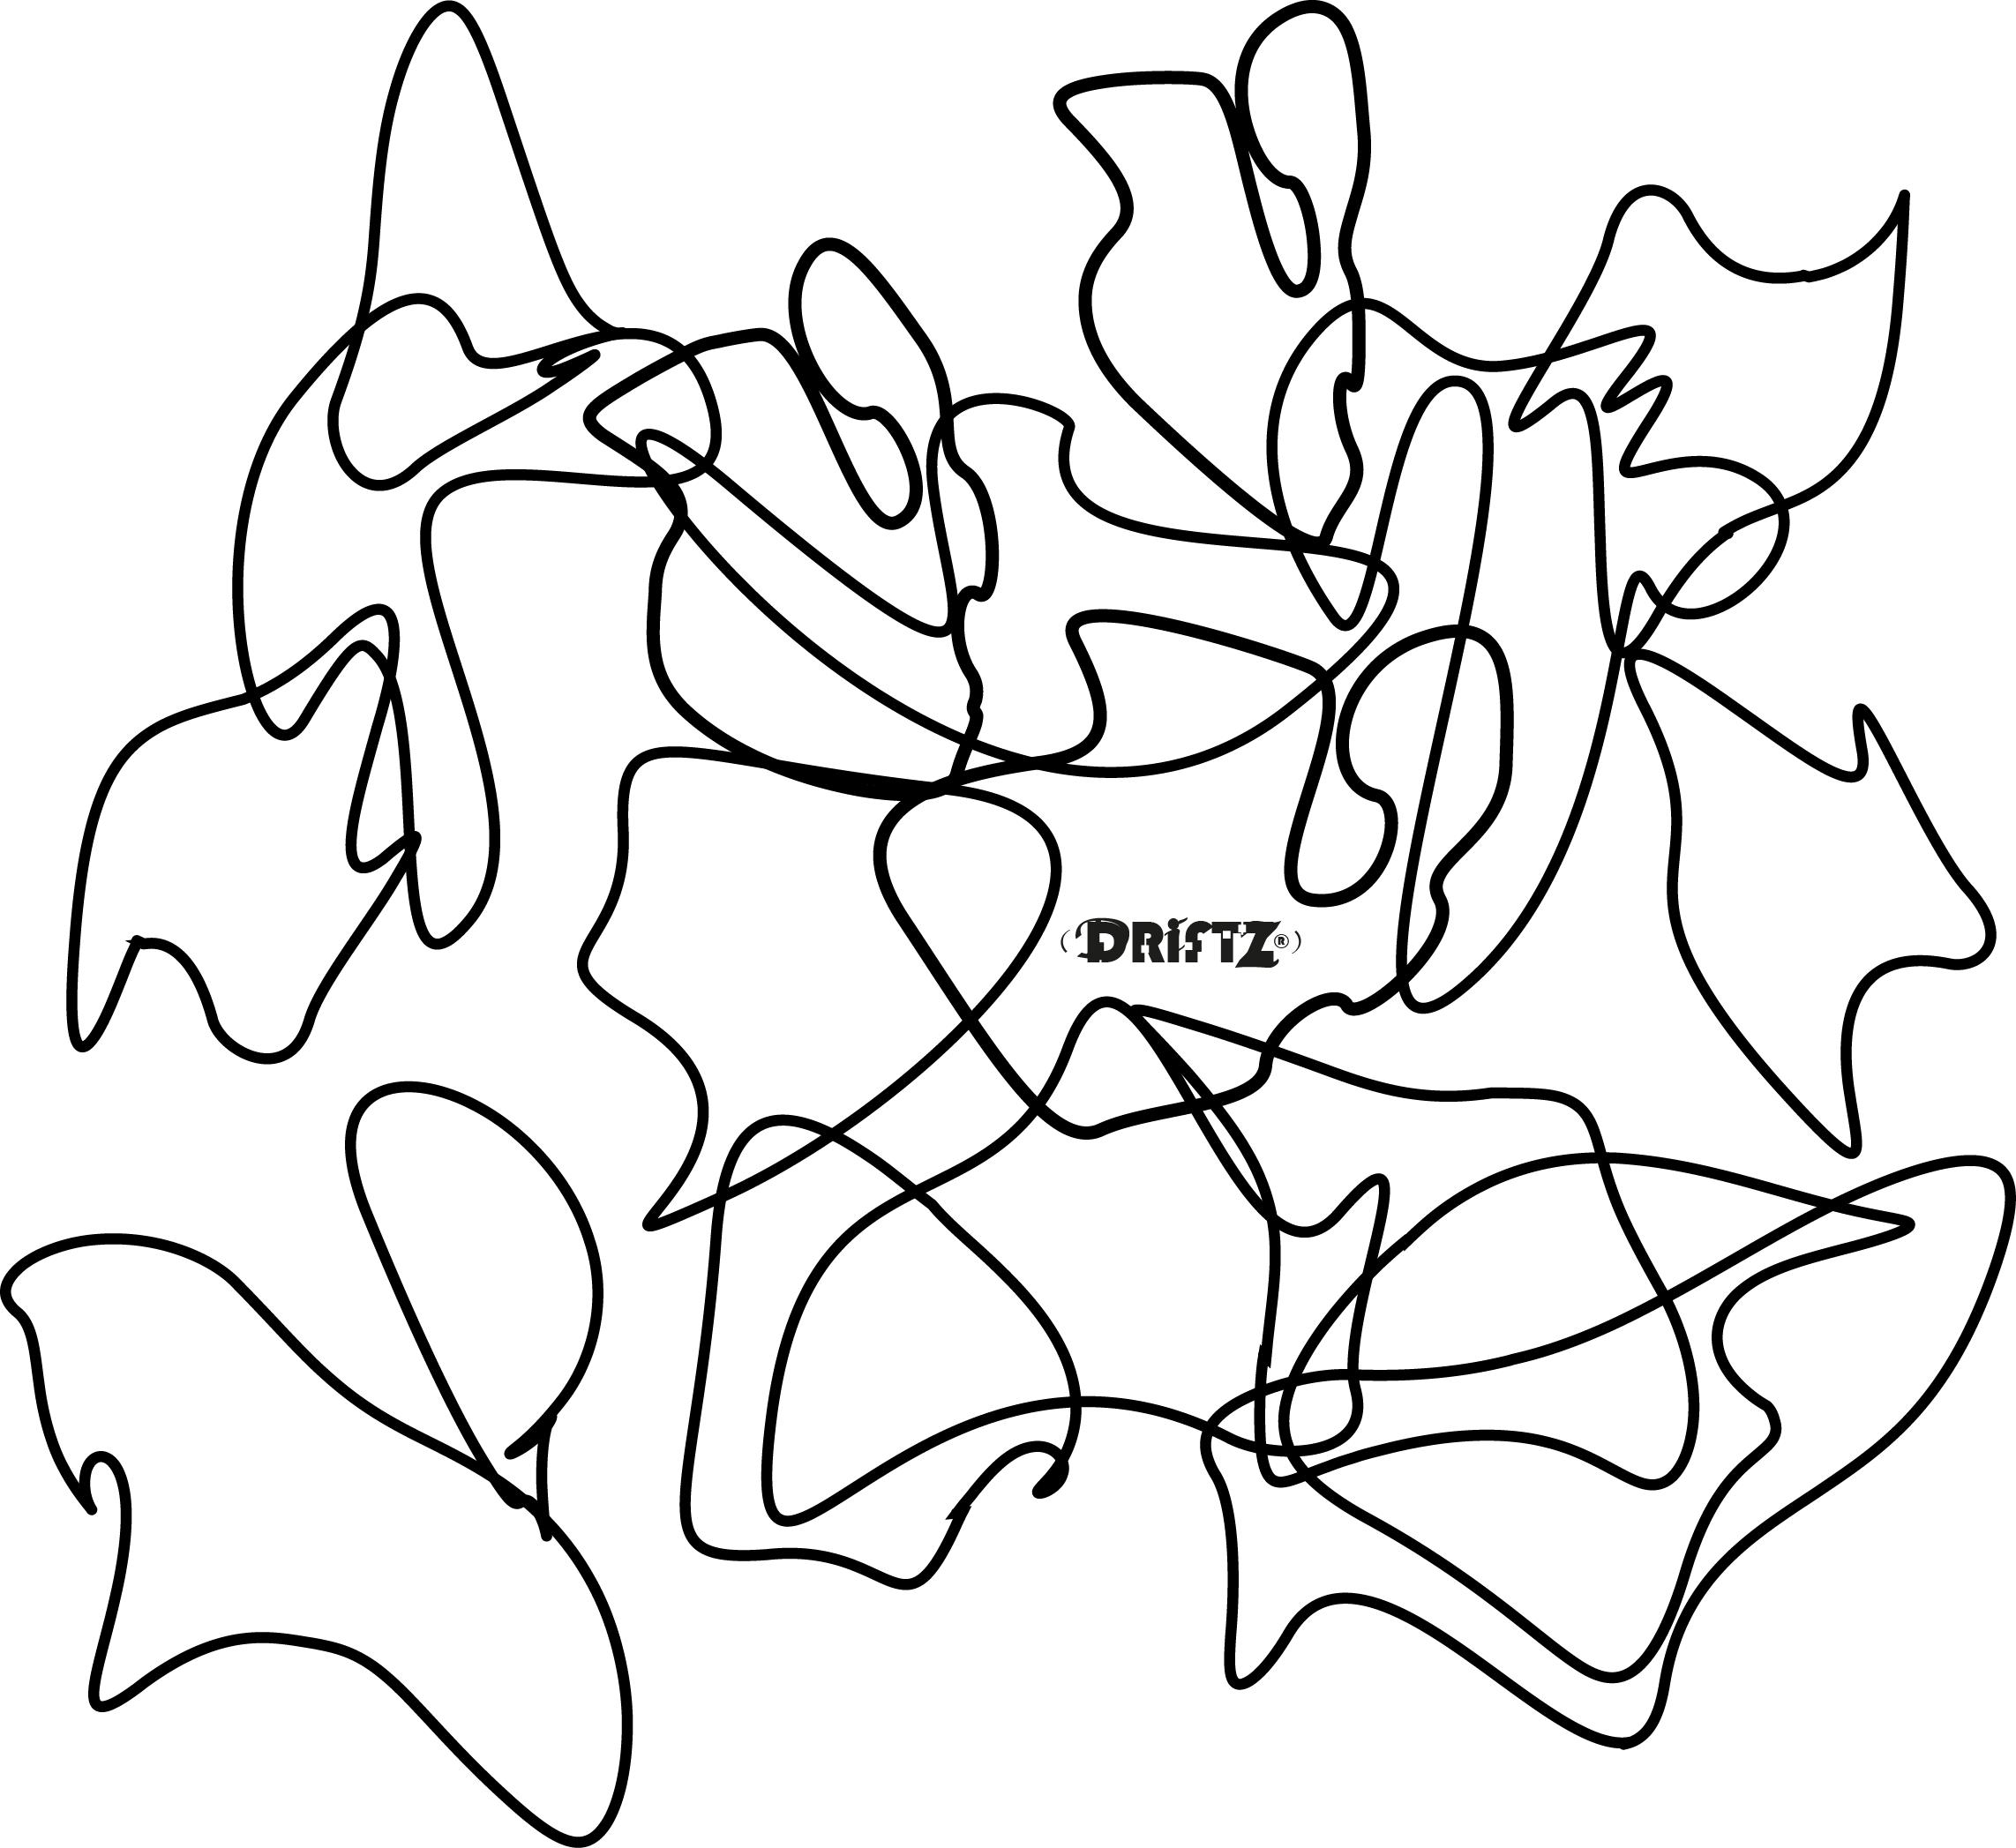 Driftz Map41.png